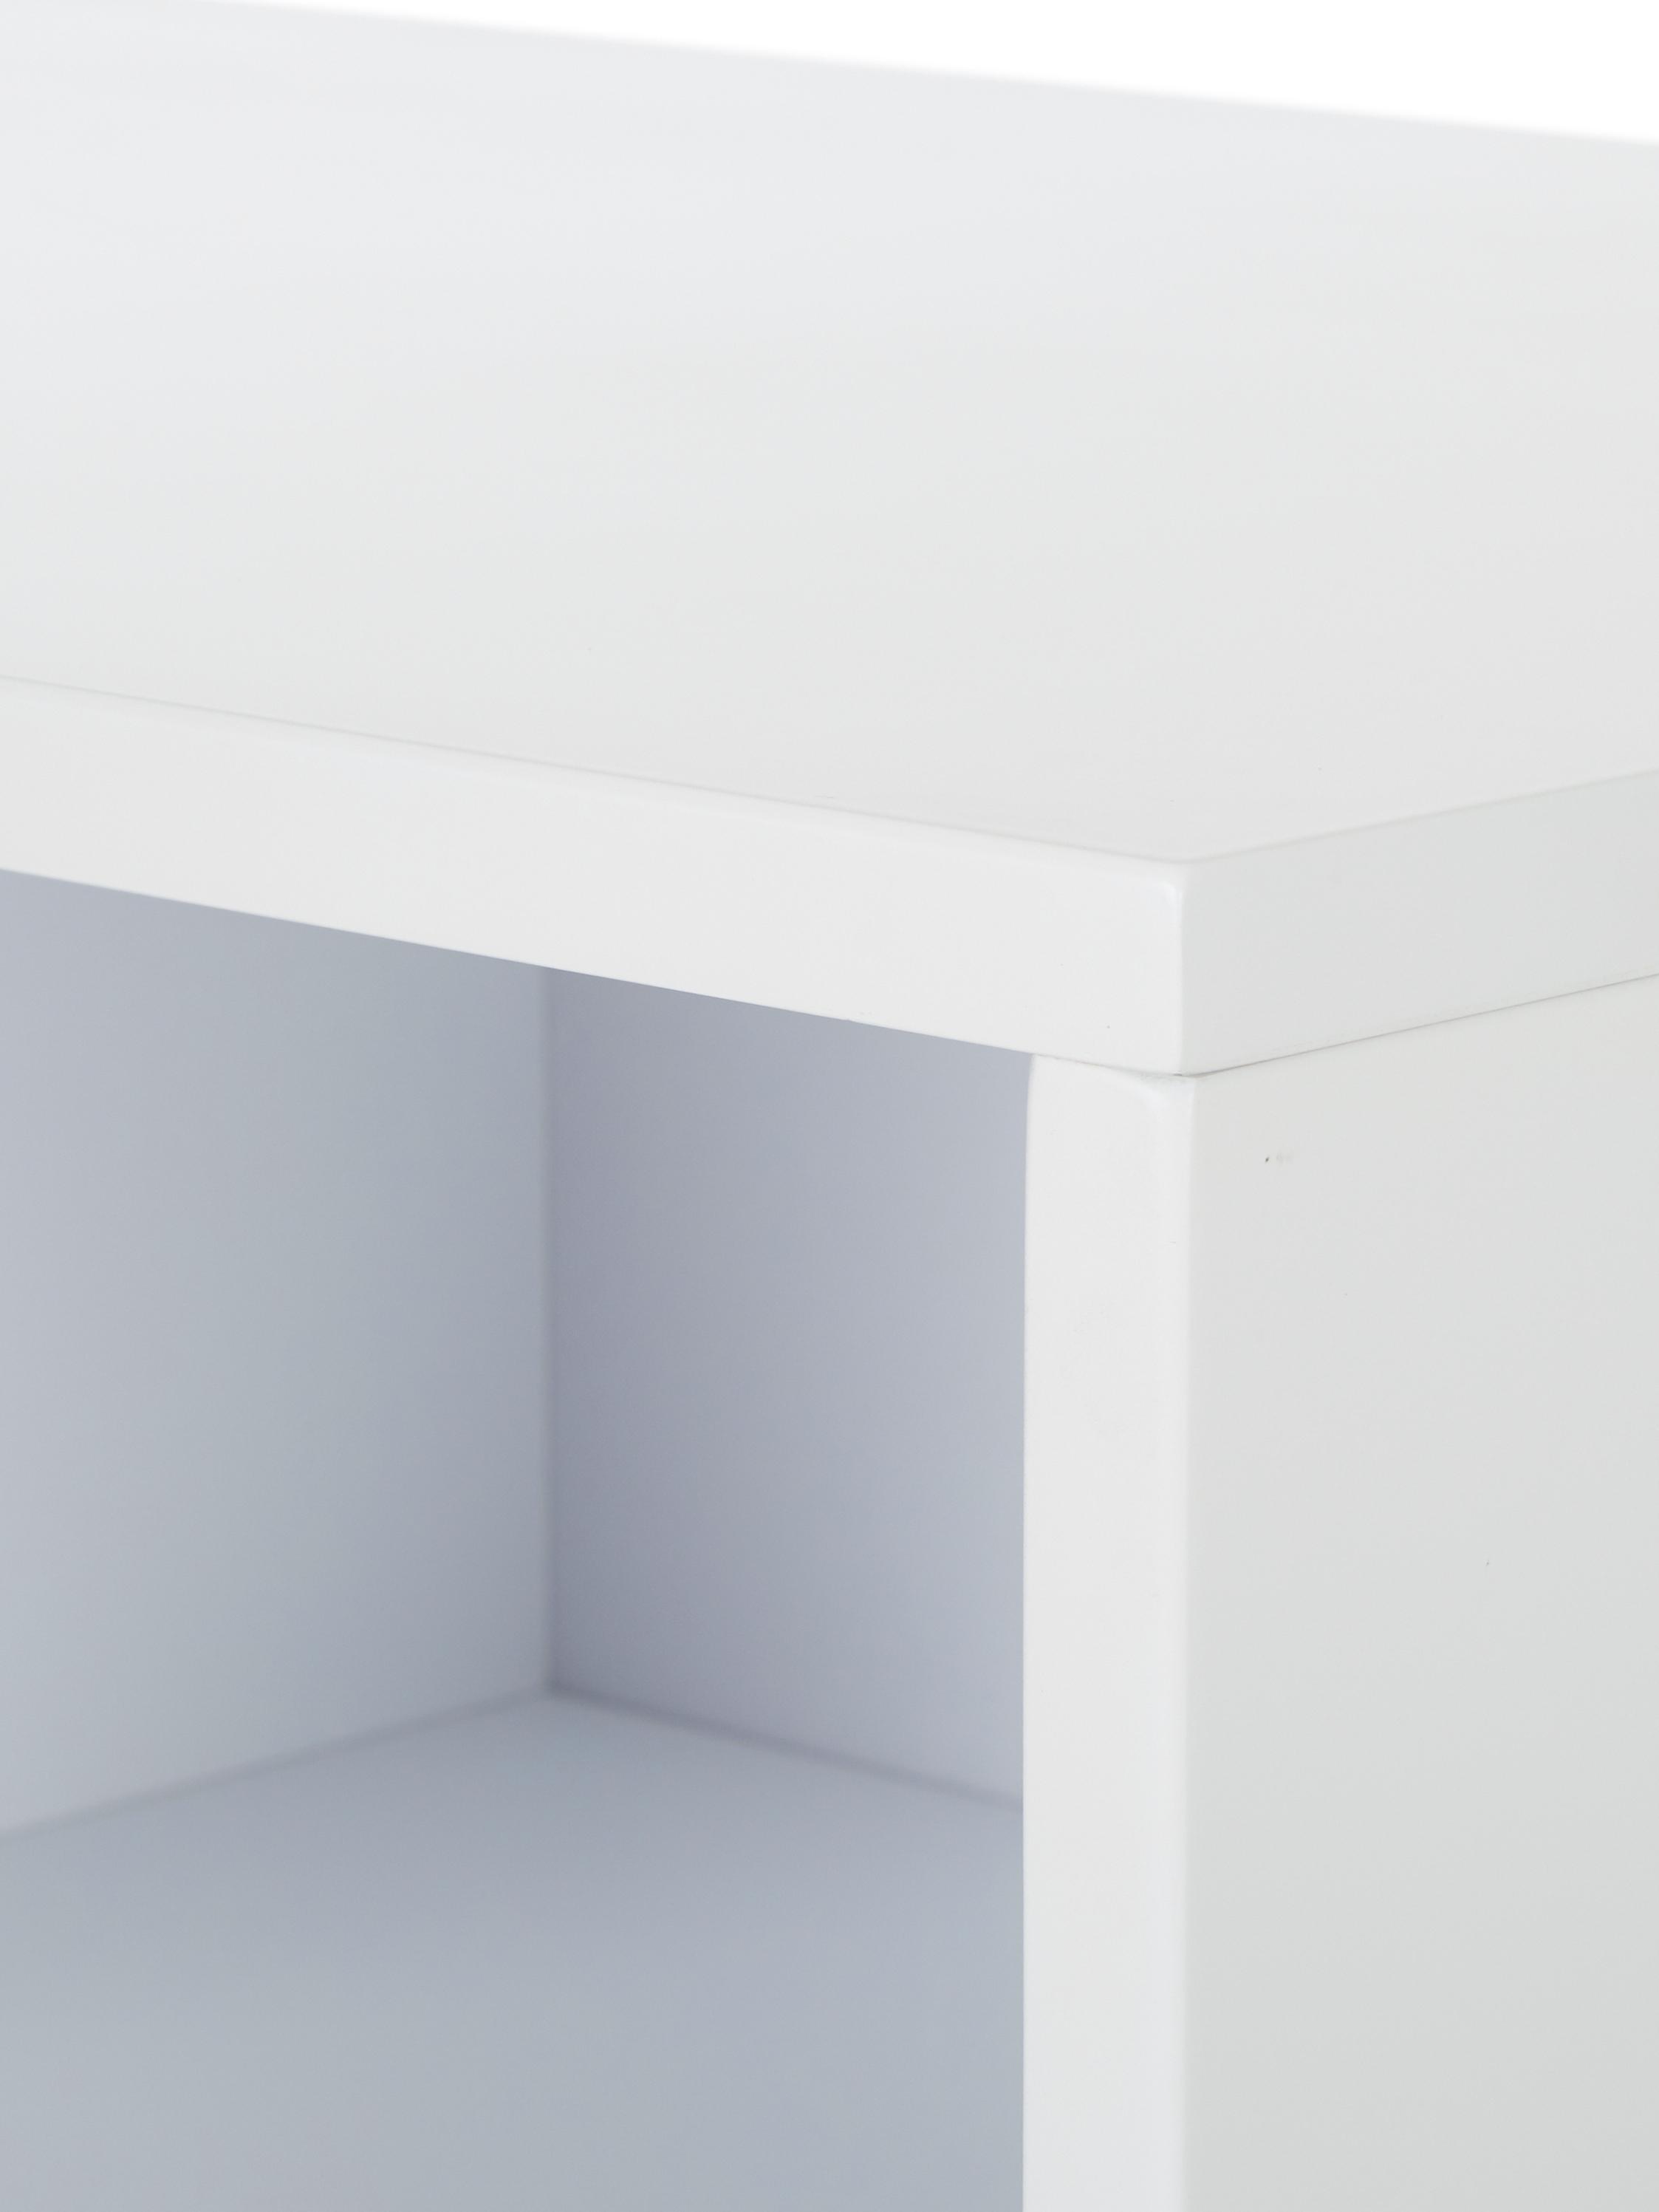 Komoda  z drzwiczkami Jesper, Korpus: płyta pilśniowa średniej , Nogi: metal lakierowany, Korpus: biały Nogi: odcienie złotego, błyszczący, S 160 x W 80 cm